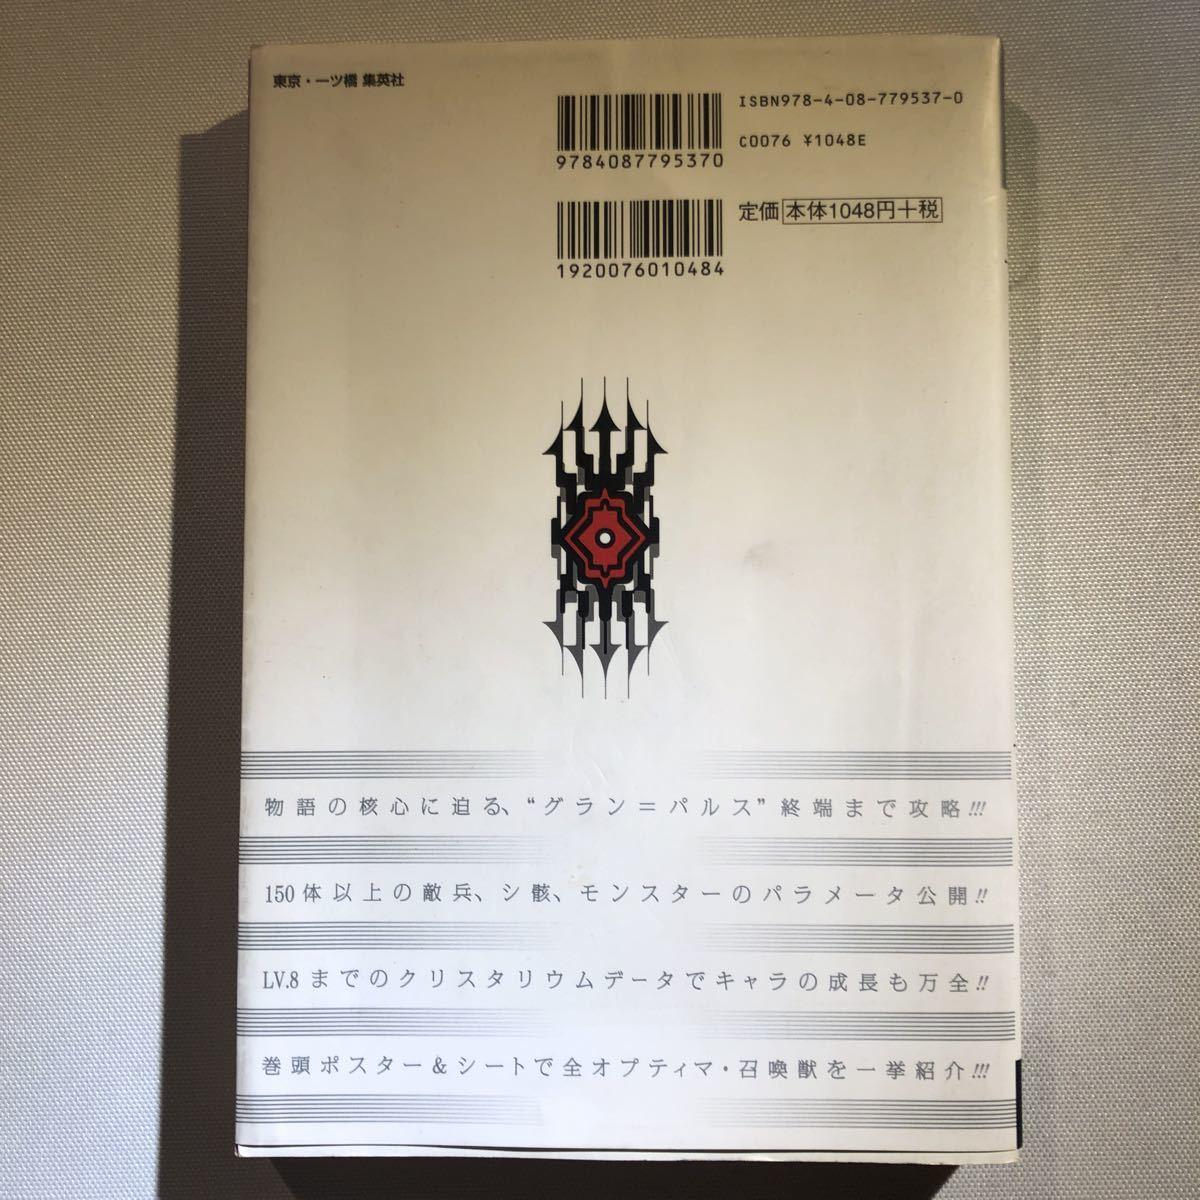 [送料無料] 中古品 ゲーム攻略本 ファイナルファンタジー13 ライトニングマスターガイド